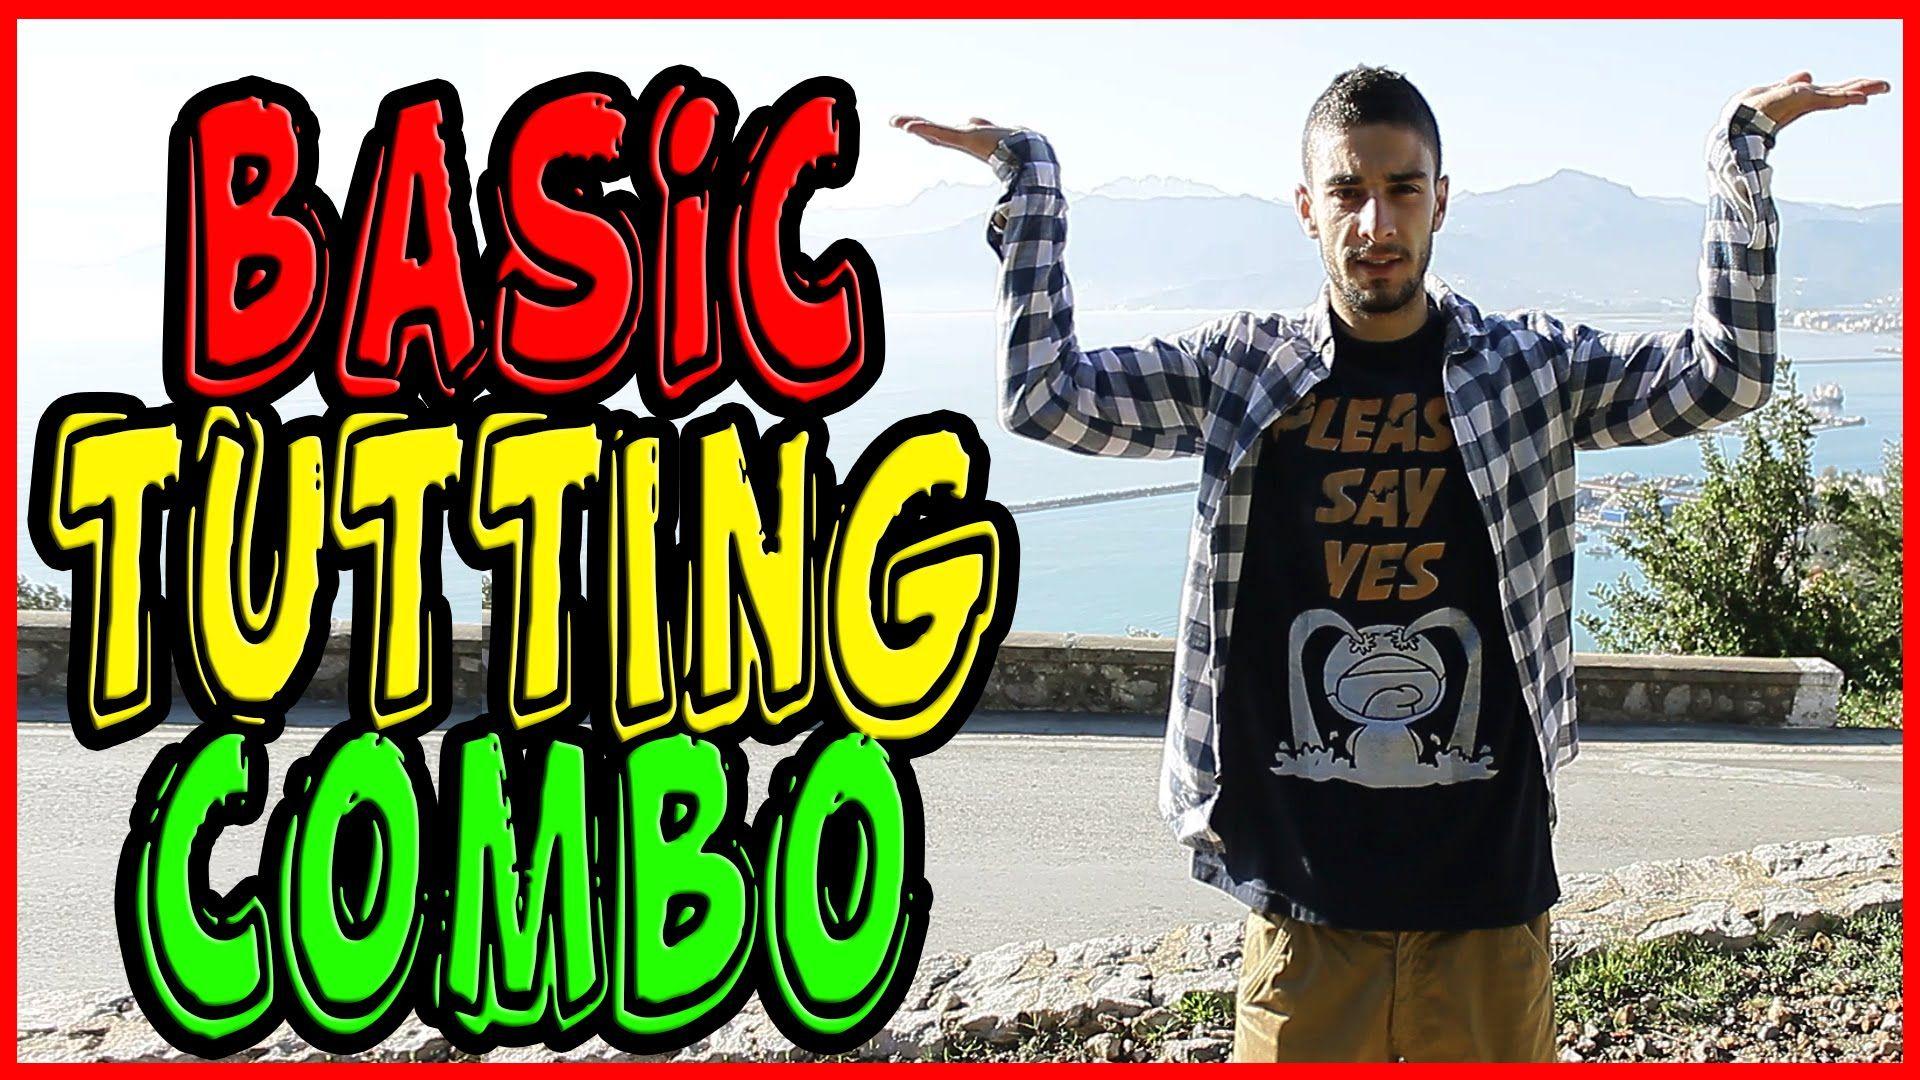 Tutting dance tutorial basic tutting combo for beginners dance tutting dance tutorial basic tutting combo for beginners baditri Image collections